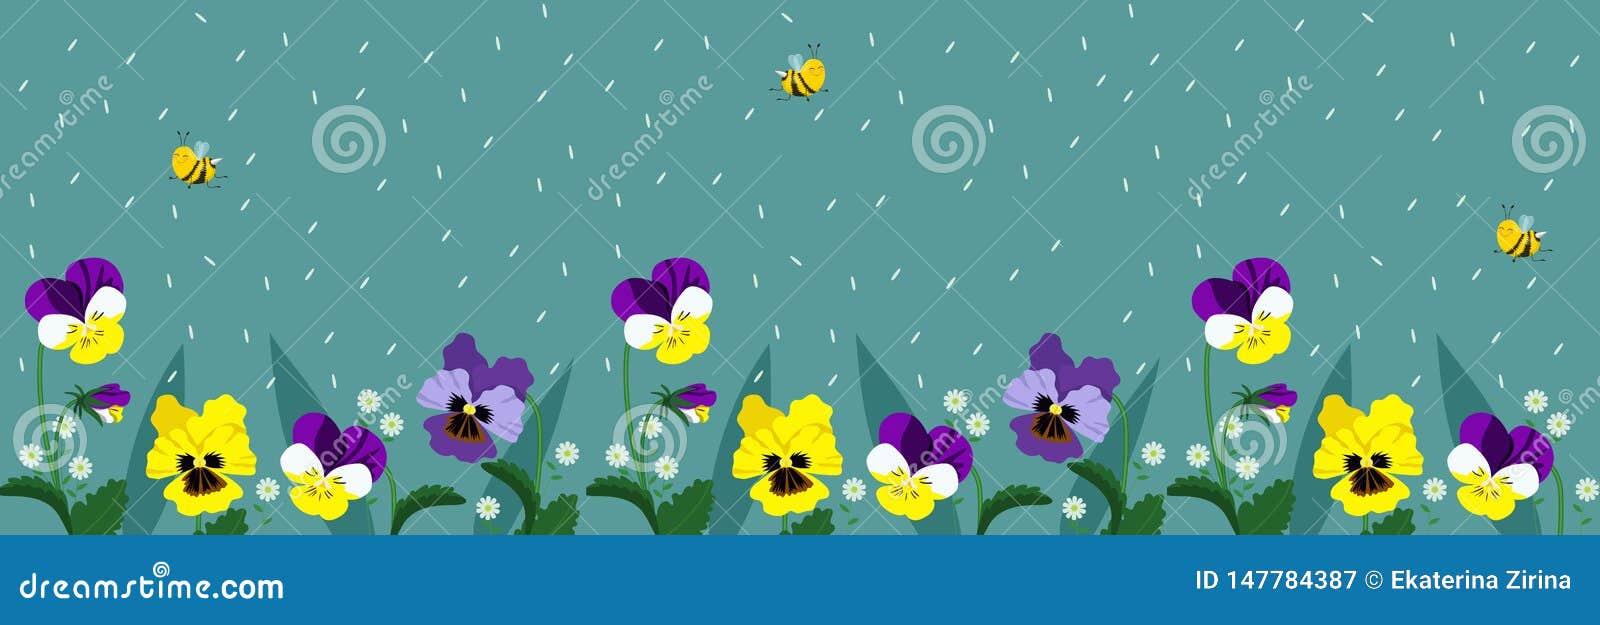 Horyzontalni sztandary z ślicznymi pszczołami i kwiatami Plakat z latającymi pszczołami i spada płatkami turkusowy kolor wektor